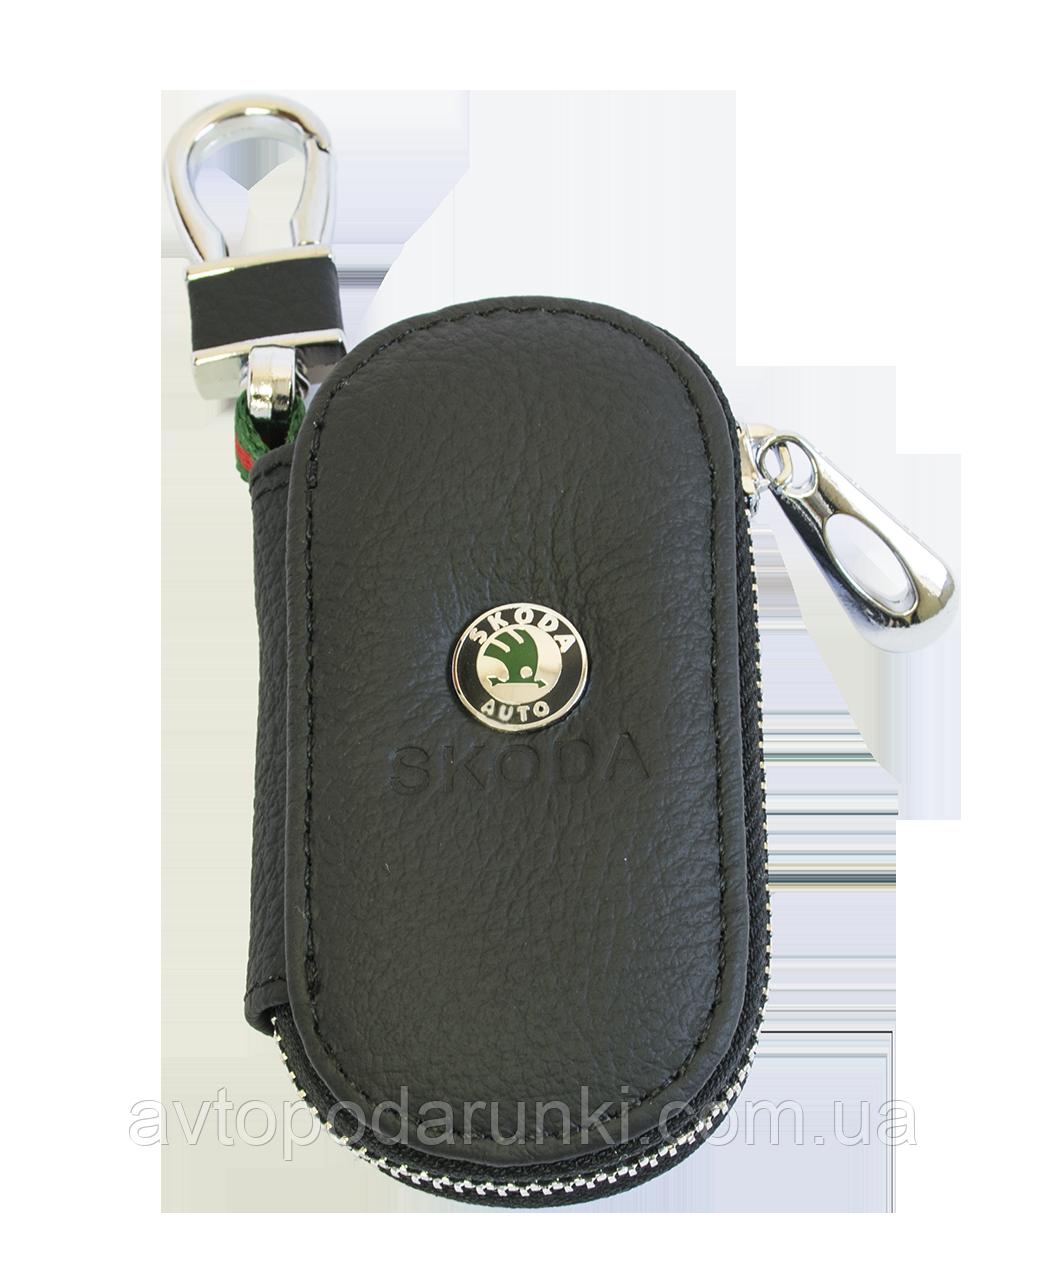 Ключница SKODA, кожаная автоключница с логотипом  ШКОДА (черная 22003)